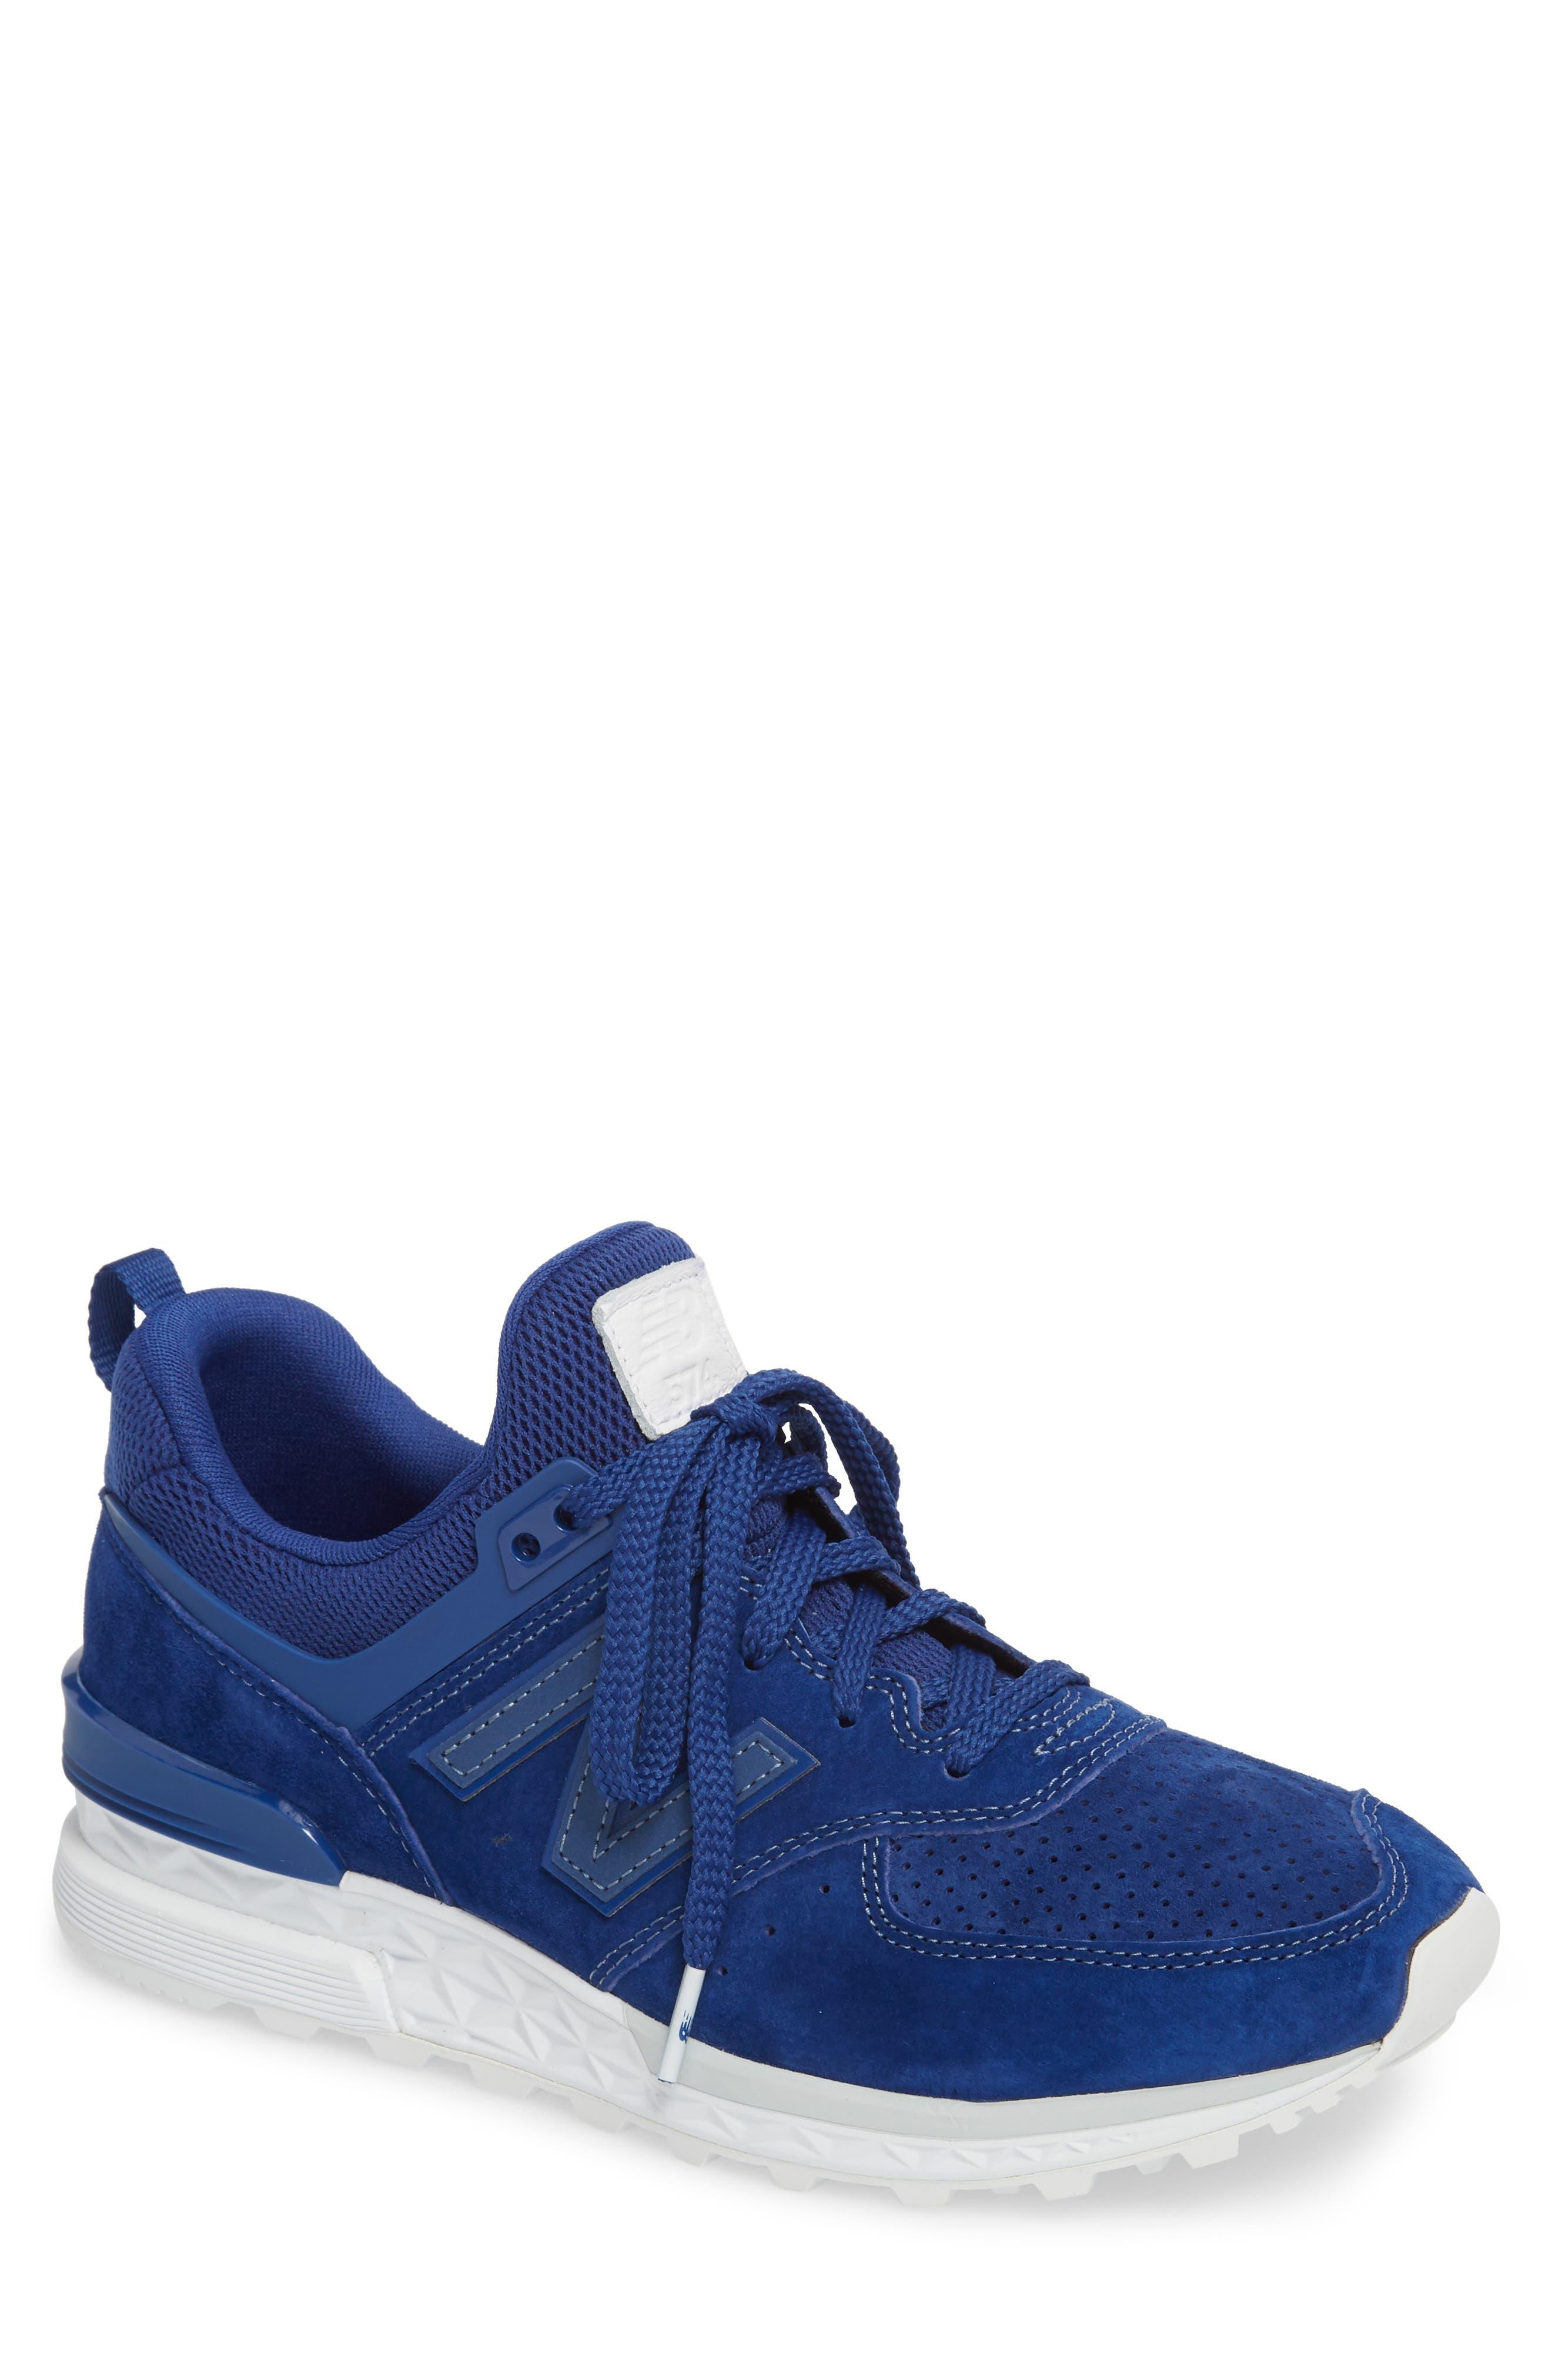 574 Sport Sneaker,                         Main,                         color, Atlantic